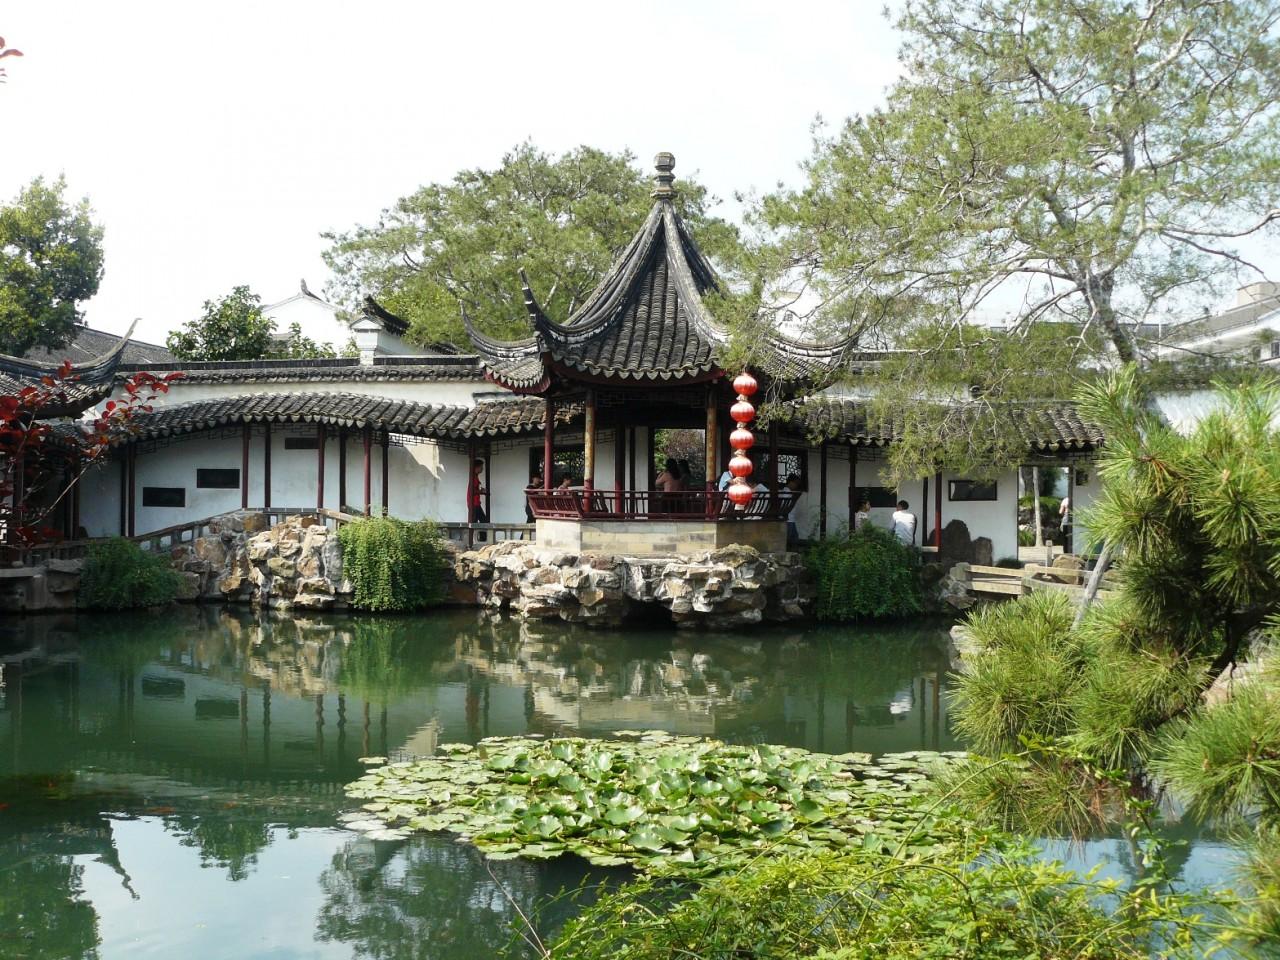 Сады и парки мира... Оу Юань. Упорядоченный хАос.